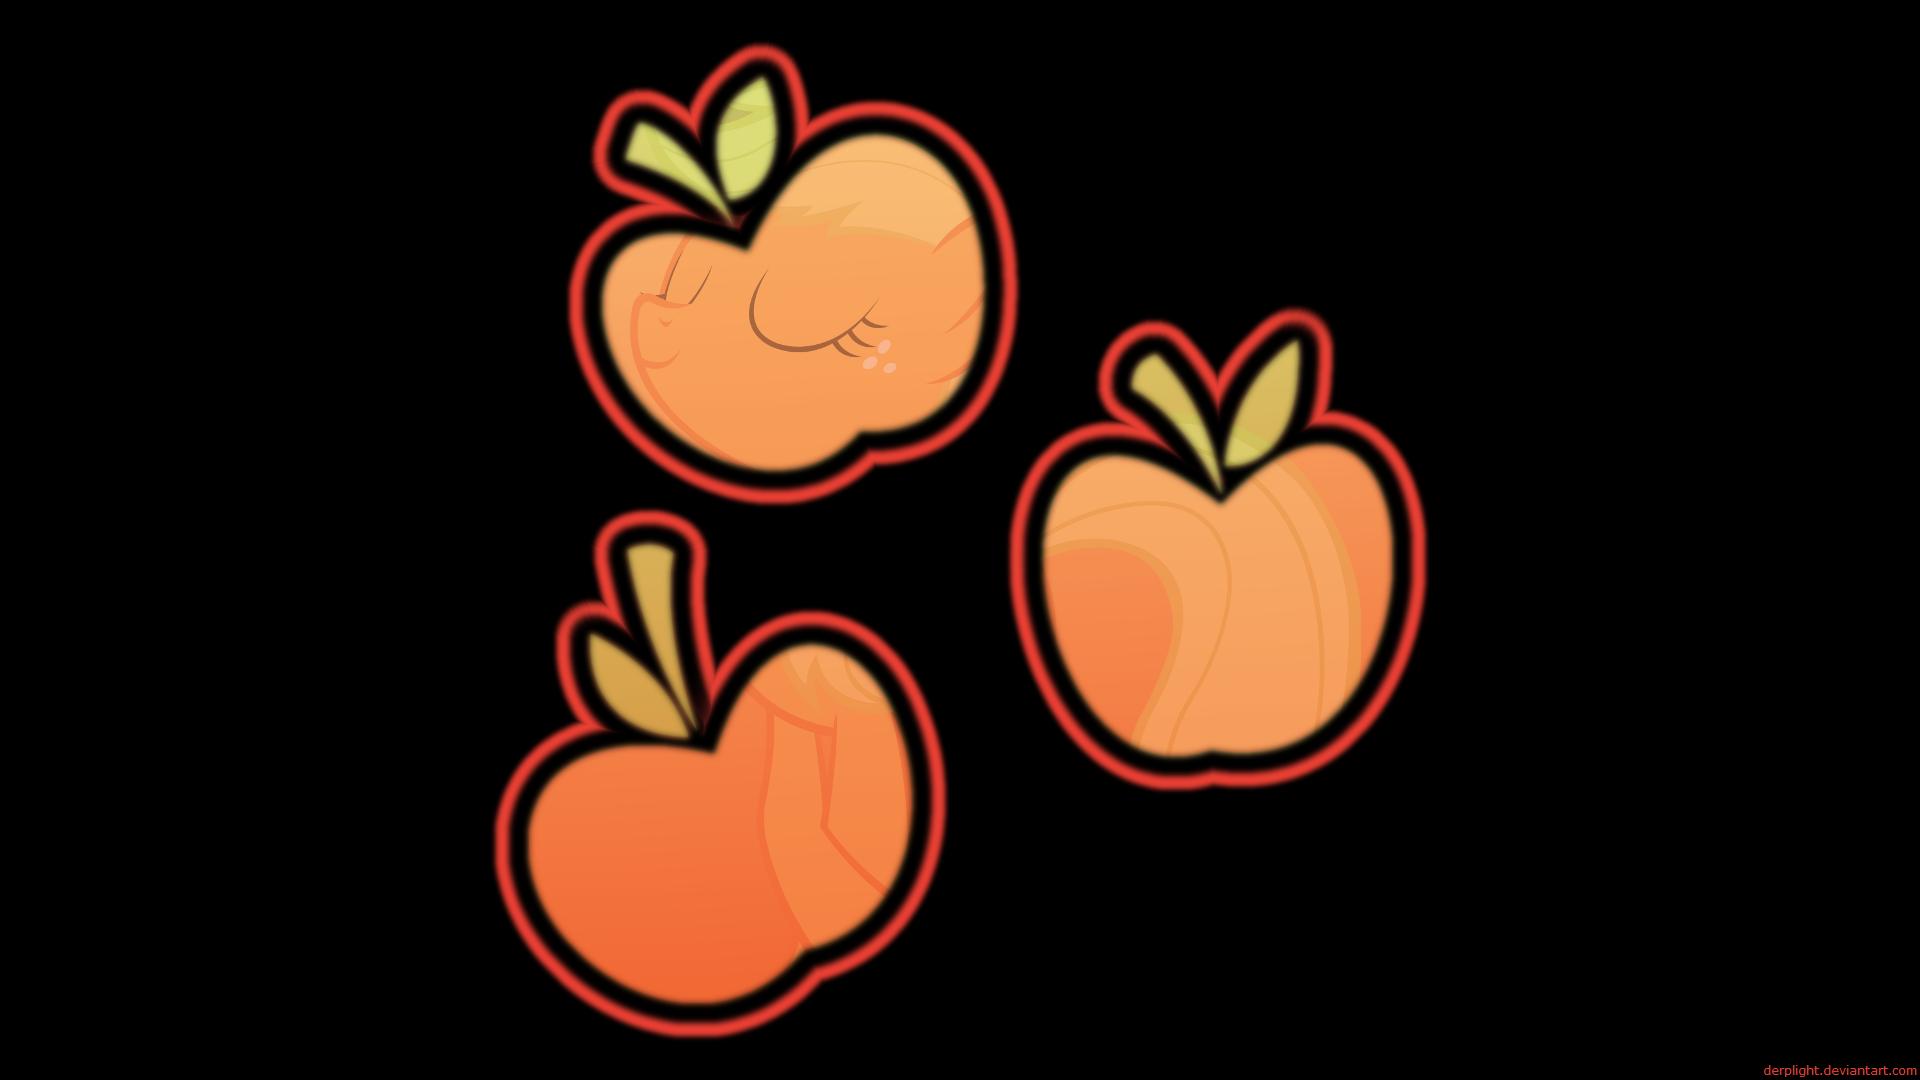 Applejack's Cutie Mark Wallpaper by BlackGryph0n, DerpLight and Qsteel